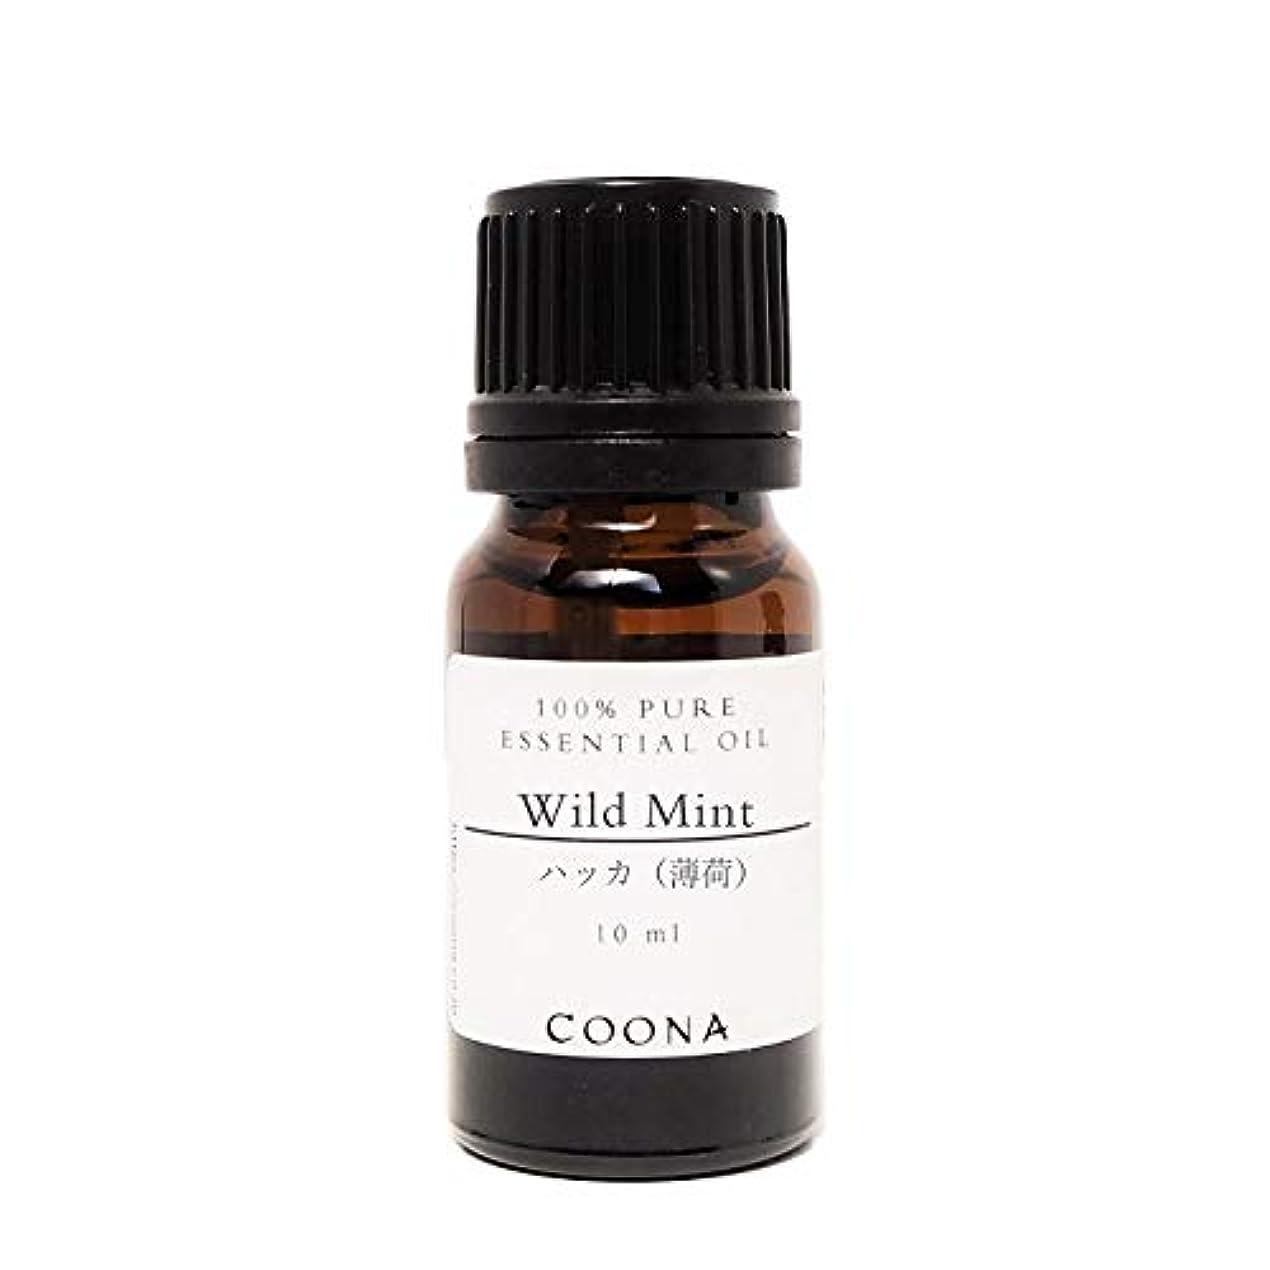 不格好神経障害引き受けるハッカ (薄荷) 10 ml (COONA エッセンシャルオイル アロマオイル 100%天然植物精油)